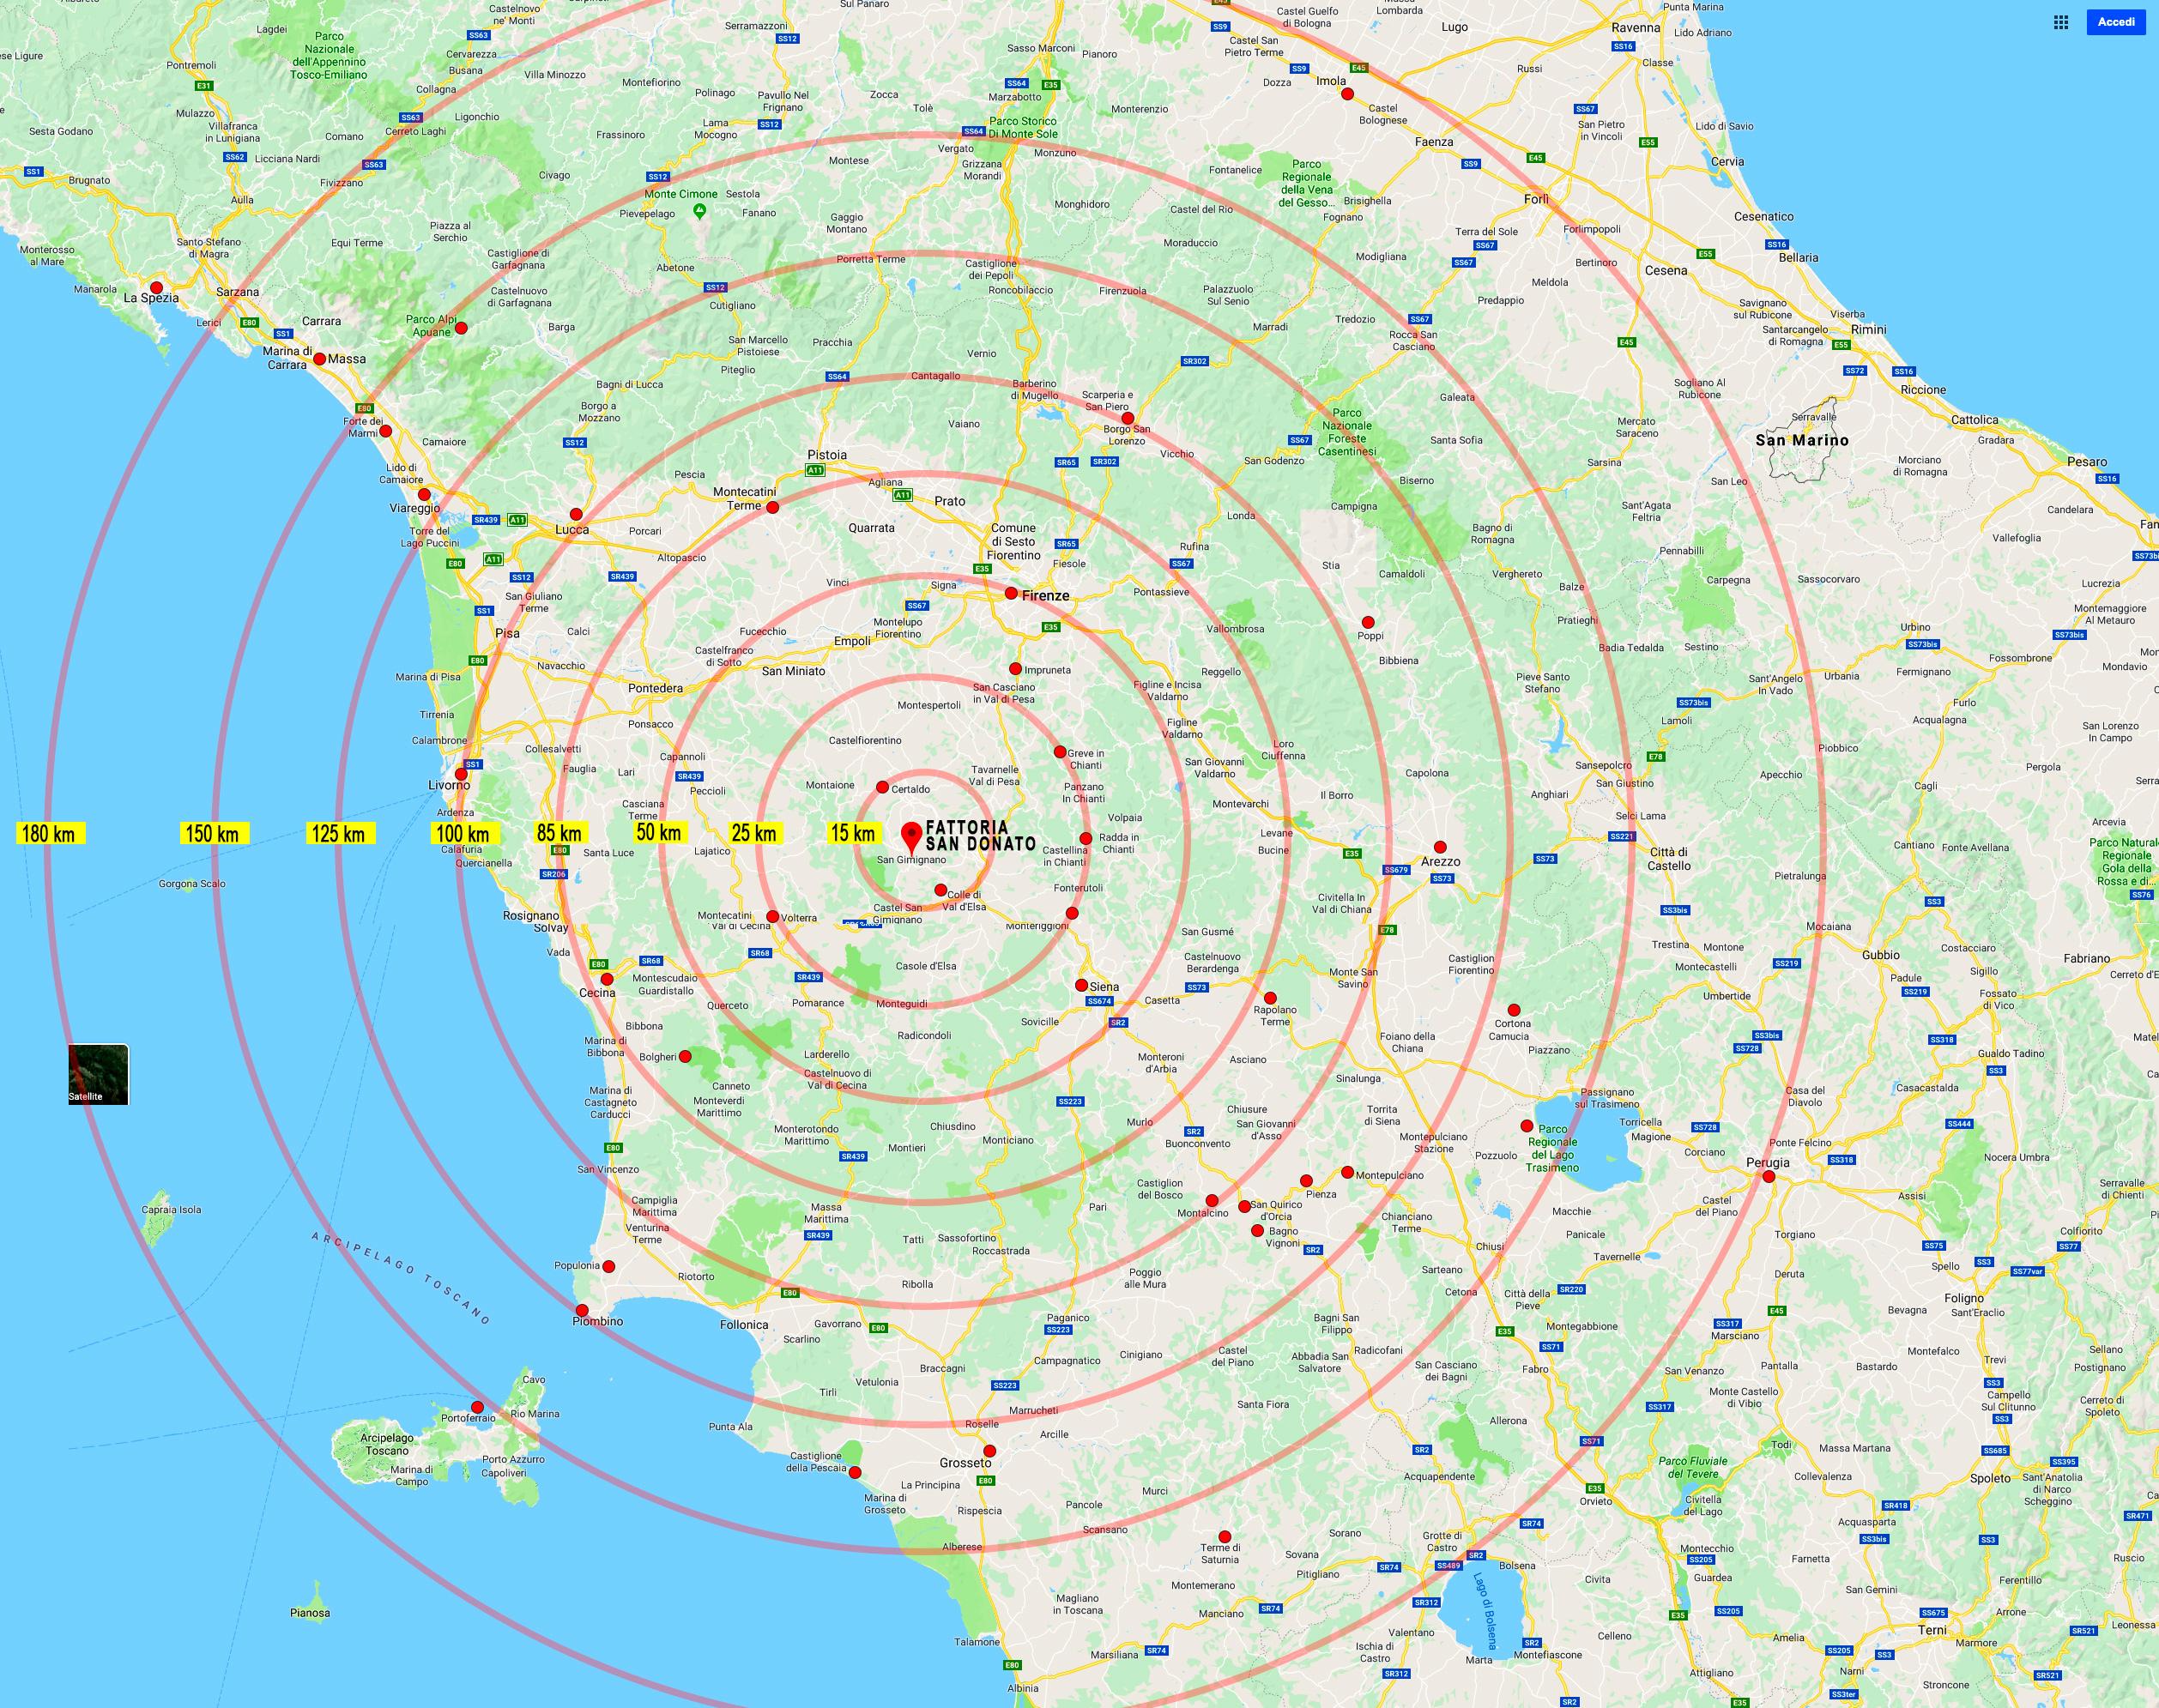 mappa-toscana-2